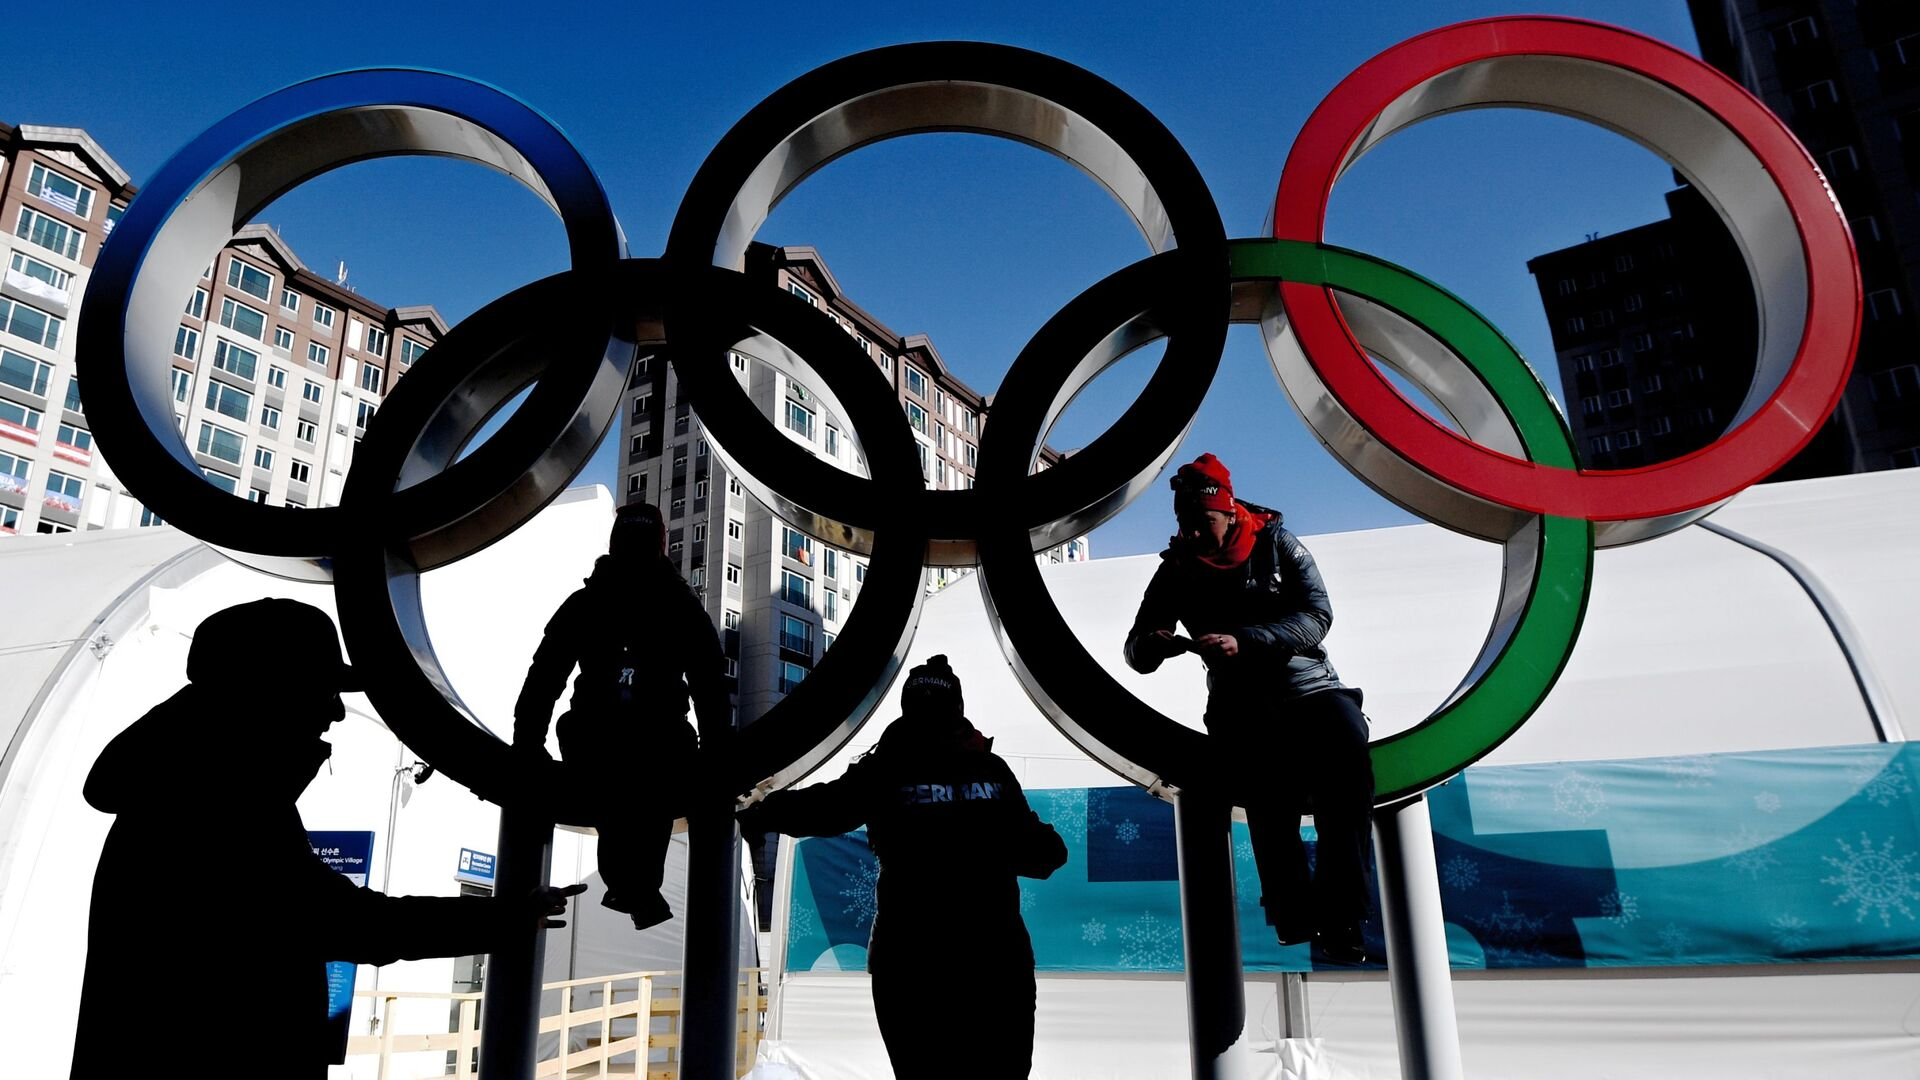 Olimpiadi - Sputnik Italia, 1920, 18.07.2021